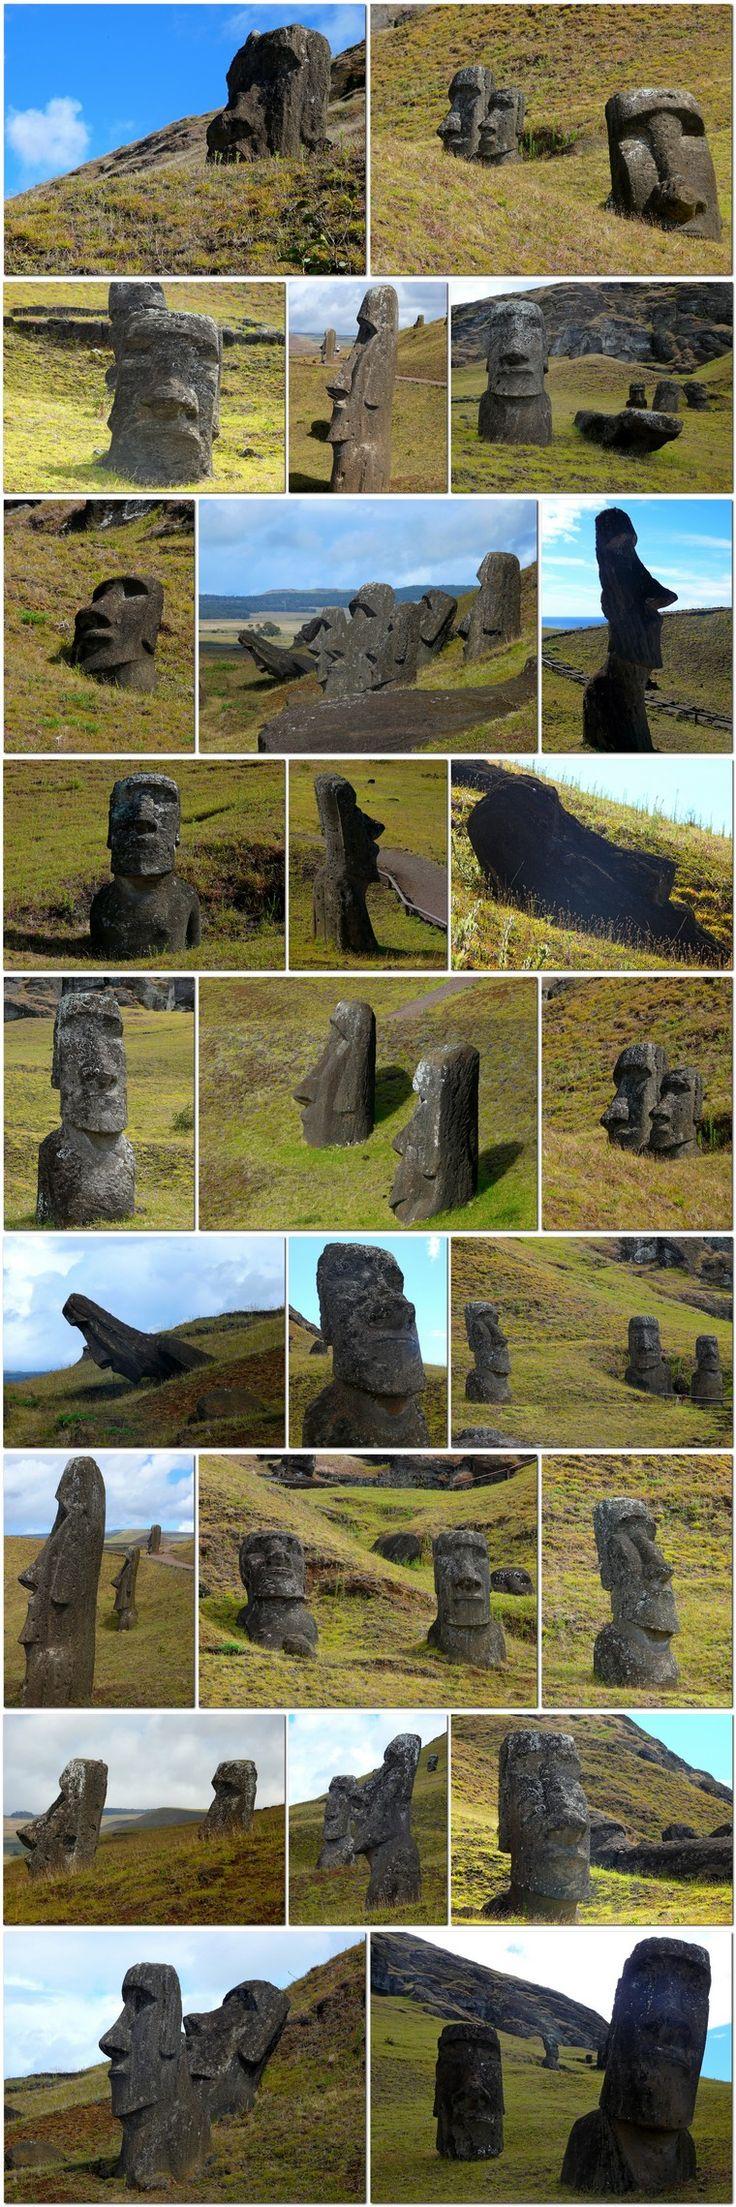 887 Statues Moai (dont 288 érigées, 92 en cours de transport et 397 dans la carrière) - datées entre 500 à 800 ap J.C. Scultées dans du tuf, issu principalement de la carrière de Rano Raraku. Leurs tailles varient de 1,13 à 9 mètres (21m60 pour une encore en fabrication), pour un poids moyen de 14 tonnes, jusqu'à 80 tonnes.